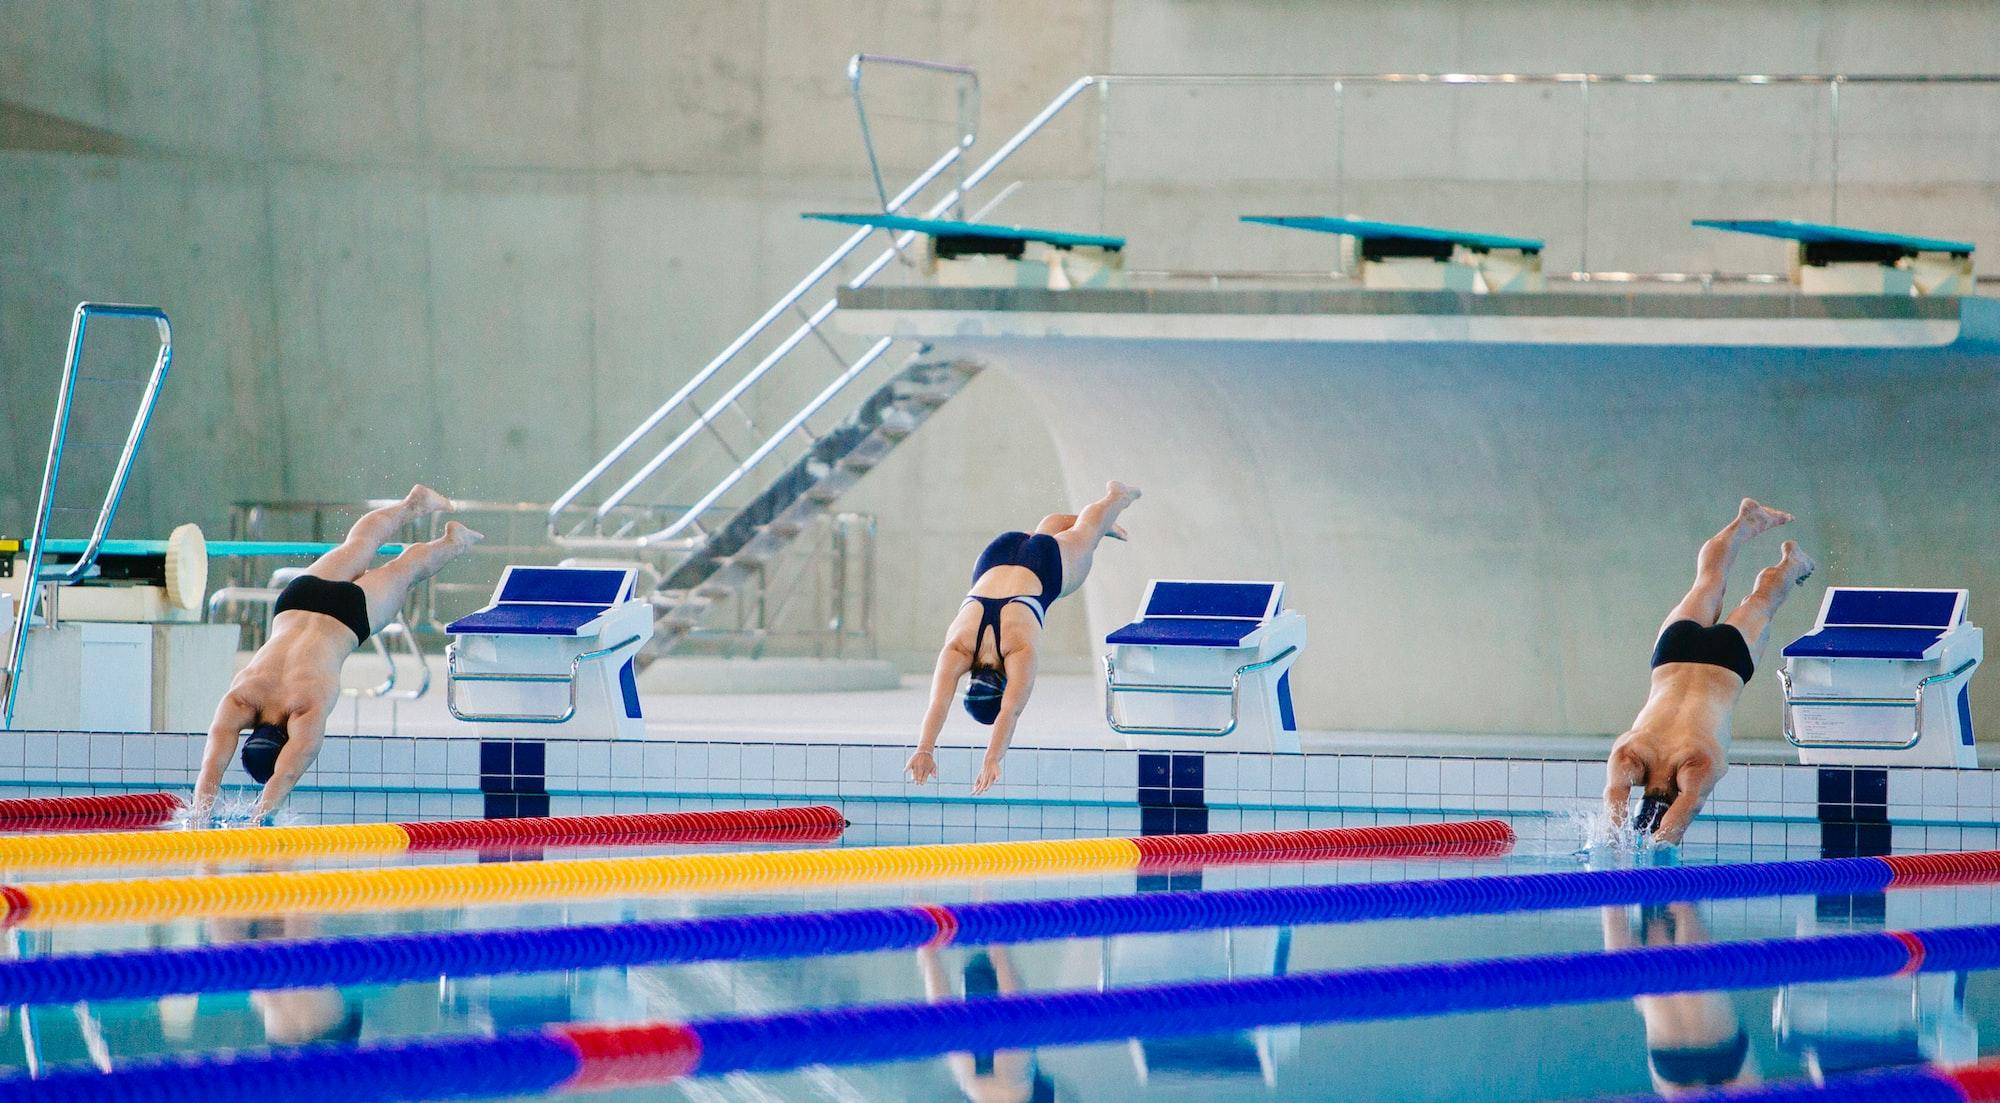 Três atletas de natação mergulhando numa piscina olímpica.